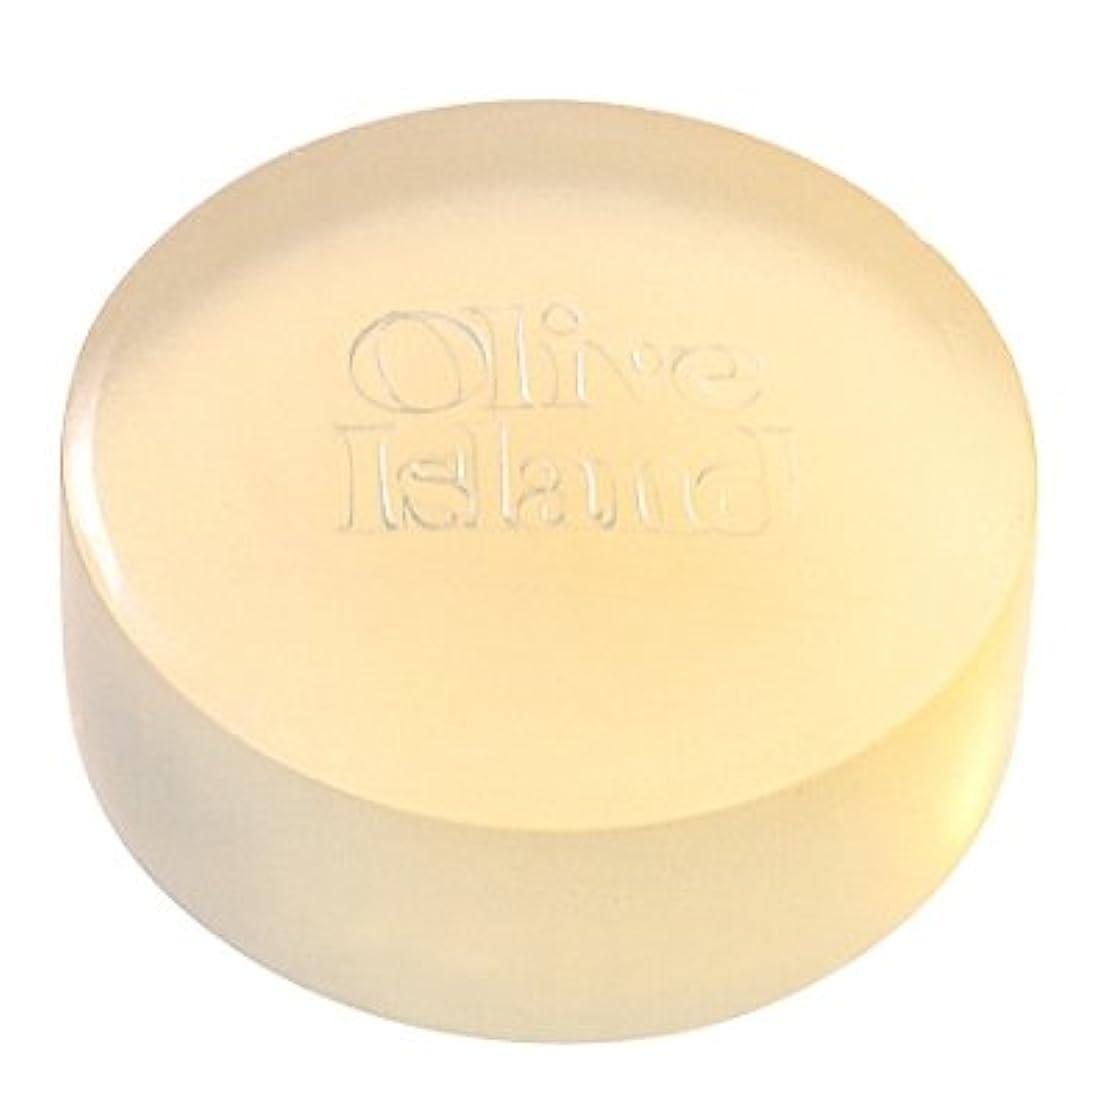 偶然緩やかな白い東洋オリーブ バージンオイルソープ90g